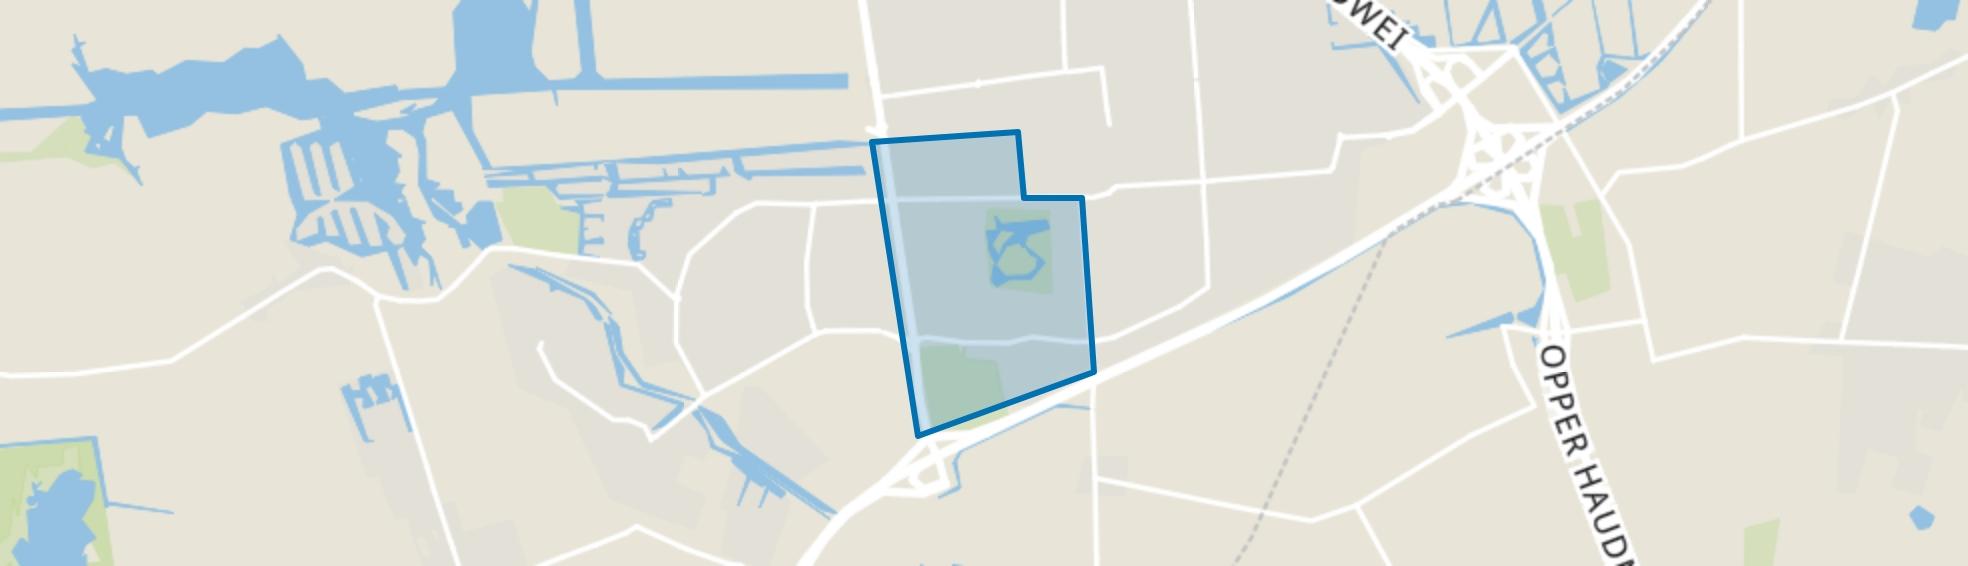 De Singels, Drachten map